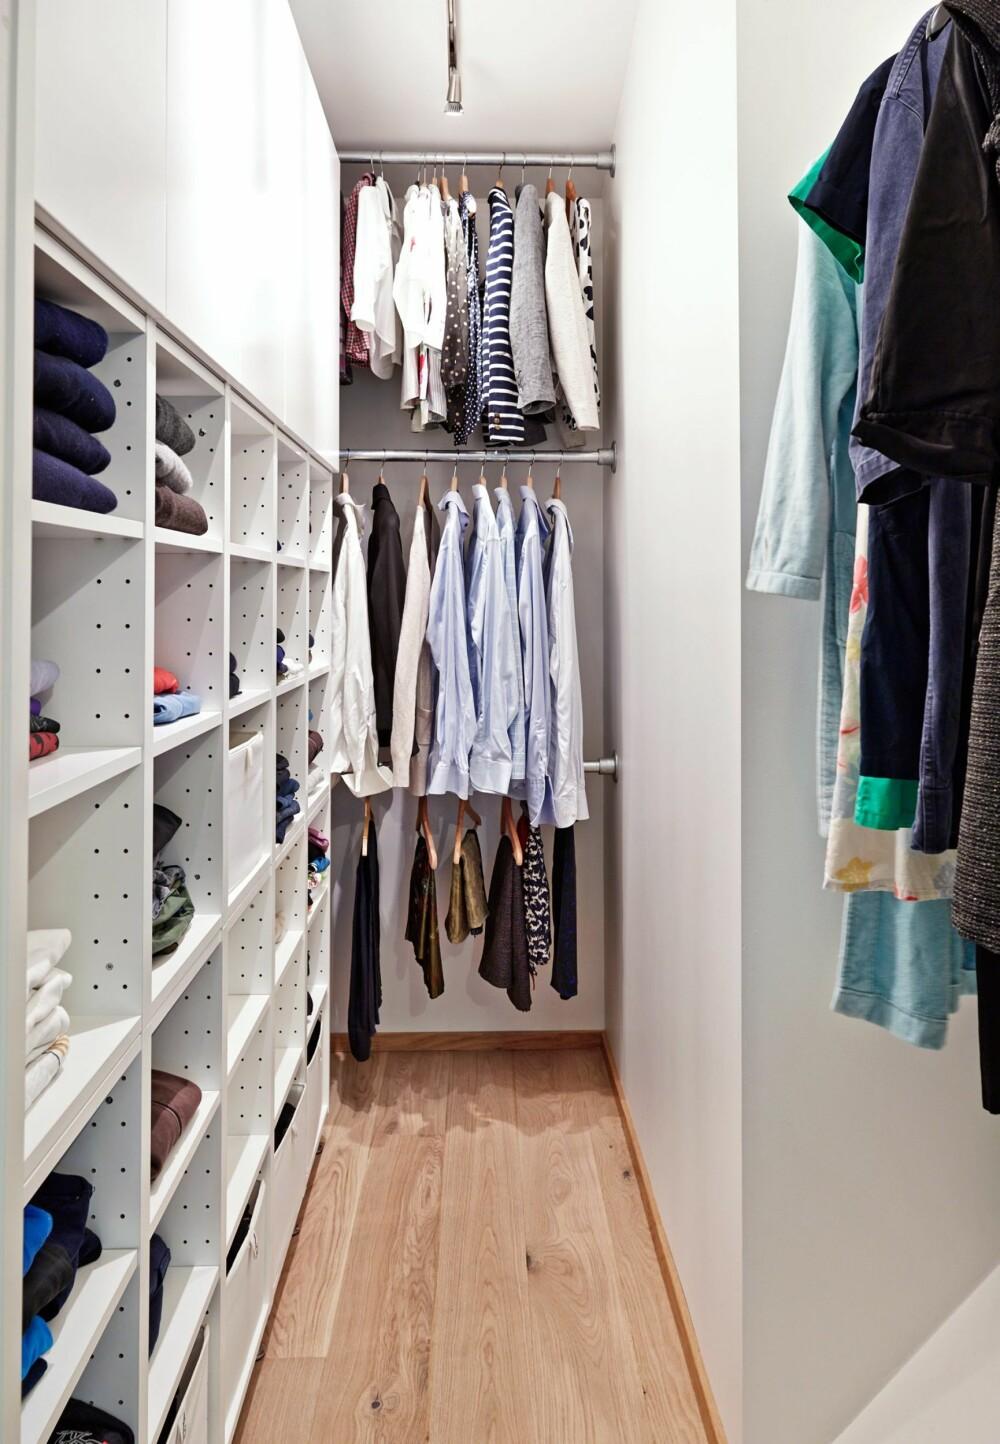 SOLID HØYDE: I garderoben er det benyttet kjøkkenoverskap og 40 cm dype moduler, Faktum fra Ikea. Hyllene er lette å heve eller senke etter behov. I enden henger tre stenger over hverandre, mellomrommet er på en meter.